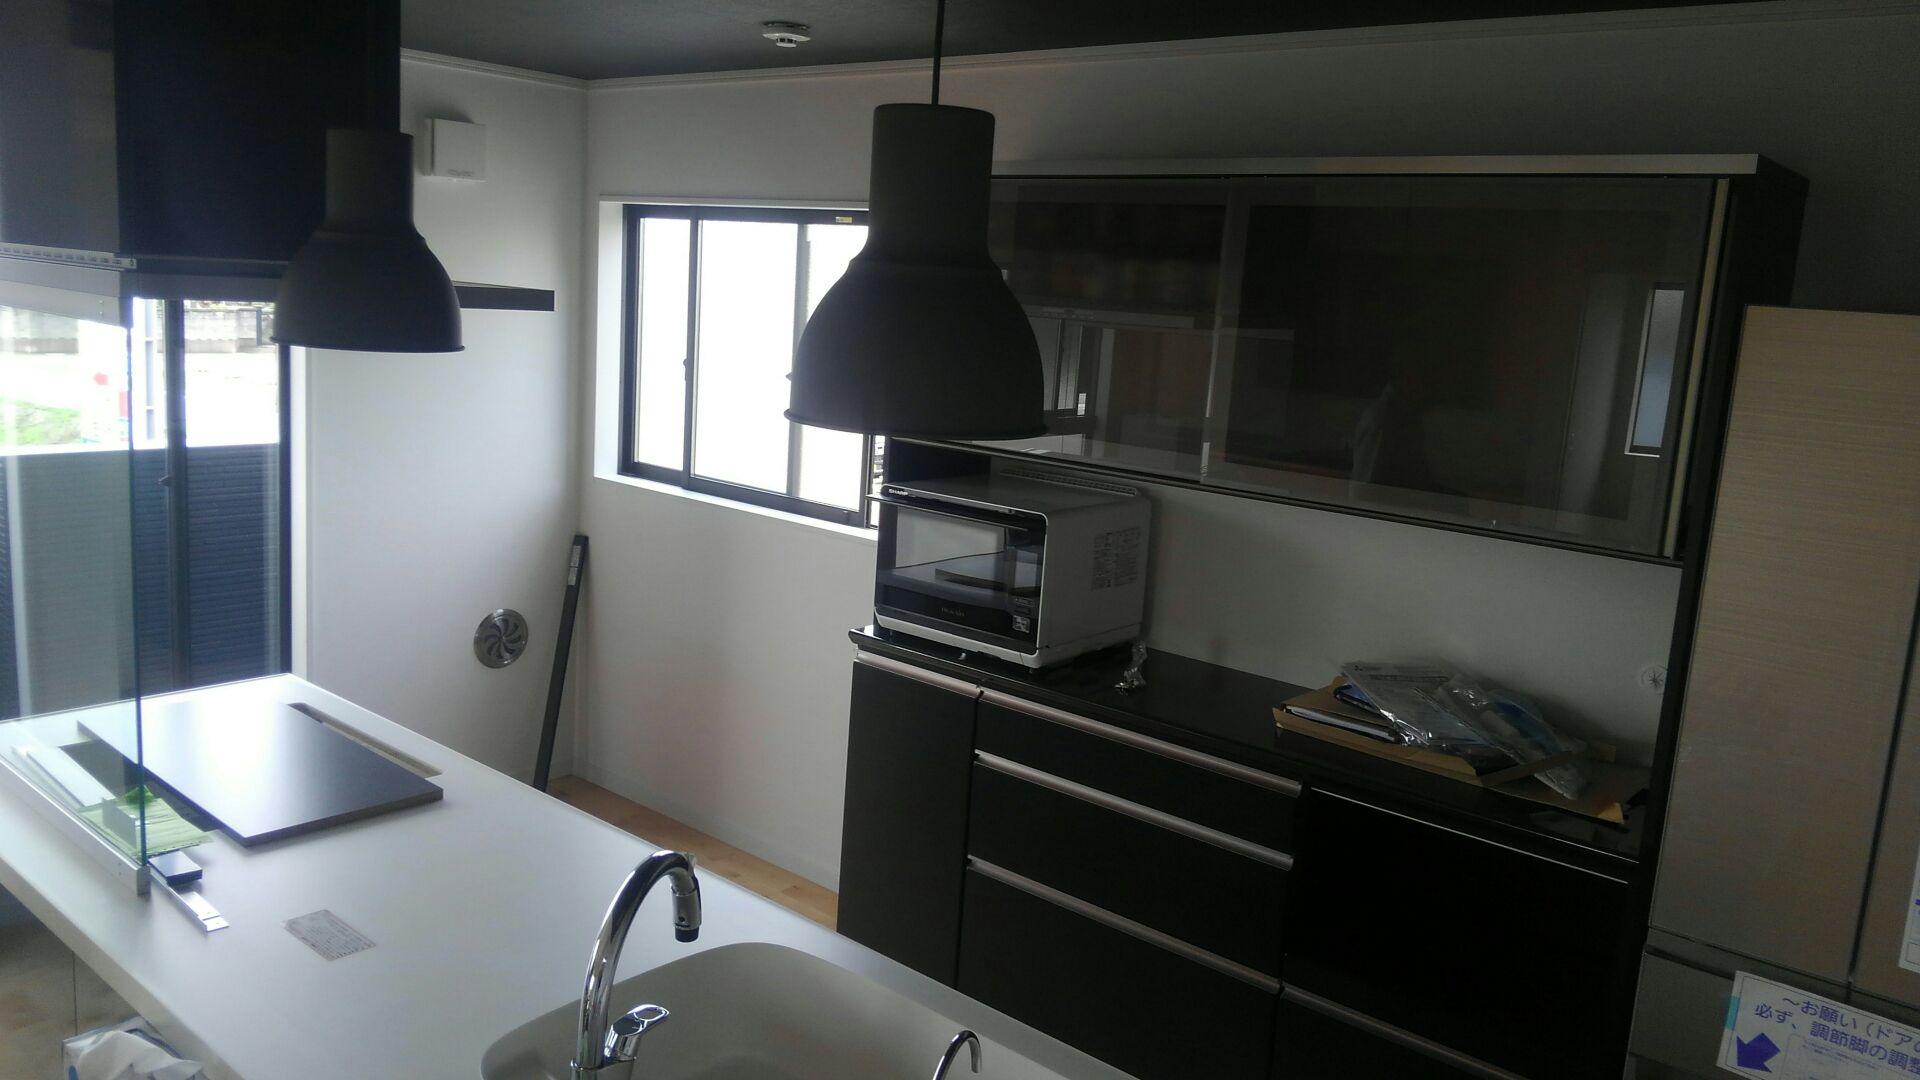 リクシルさんのアイランドキッチン。天井からおりた照明もイイ感じ。